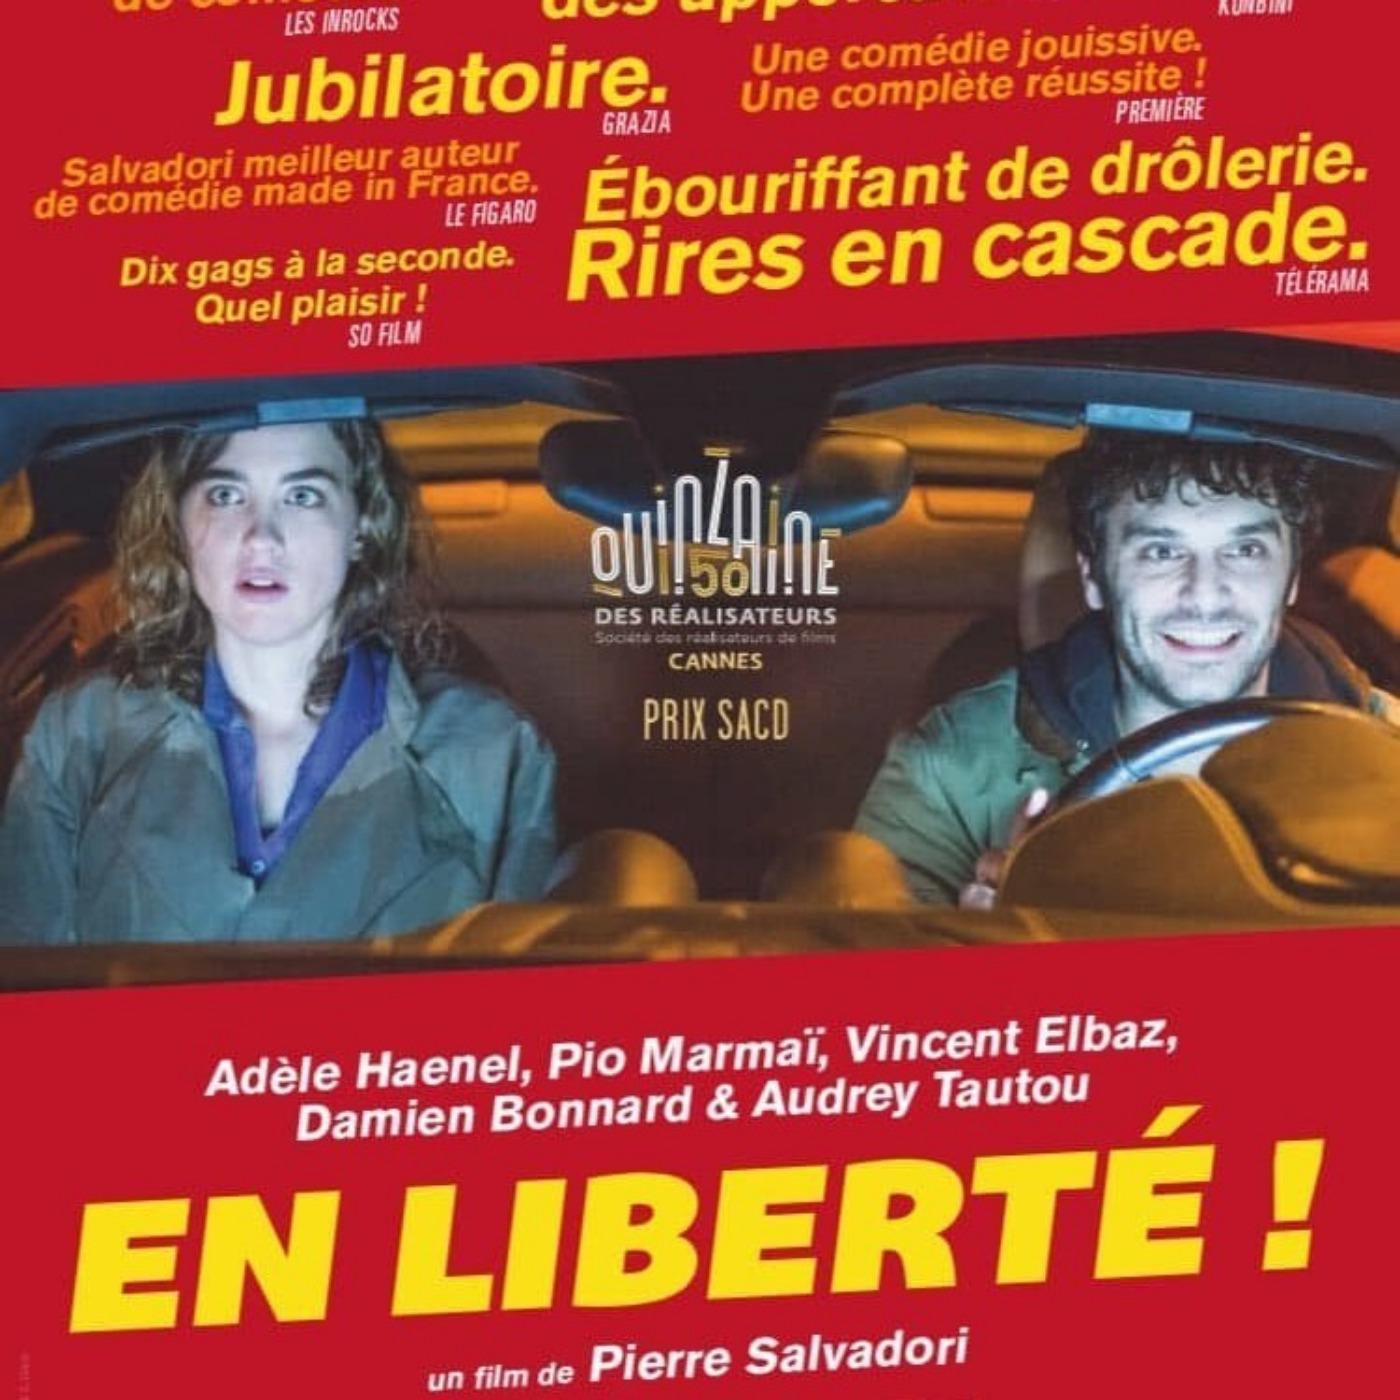 Ciné Parler #21 | Critique du film EN LIBERTE ! de Pierre Salvadori